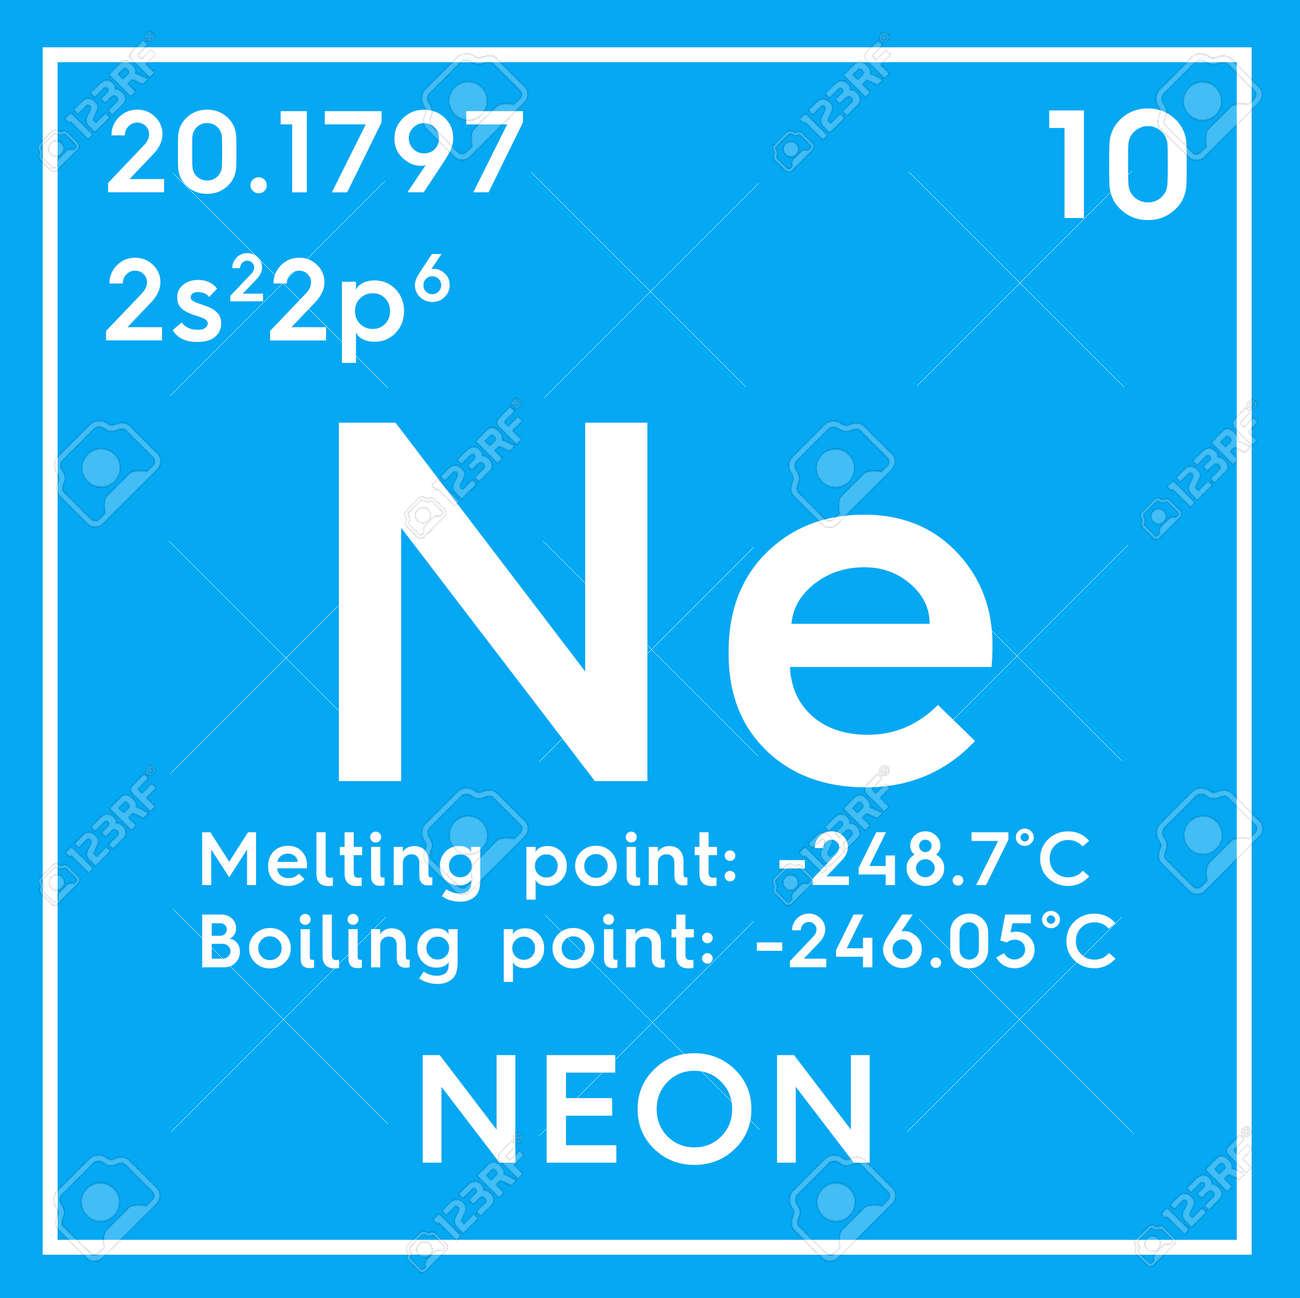 foto de archivo nen gases nobles elemento qumico de la tabla peridica de mendeleev nen en un concepto creativo cubo cuadrado